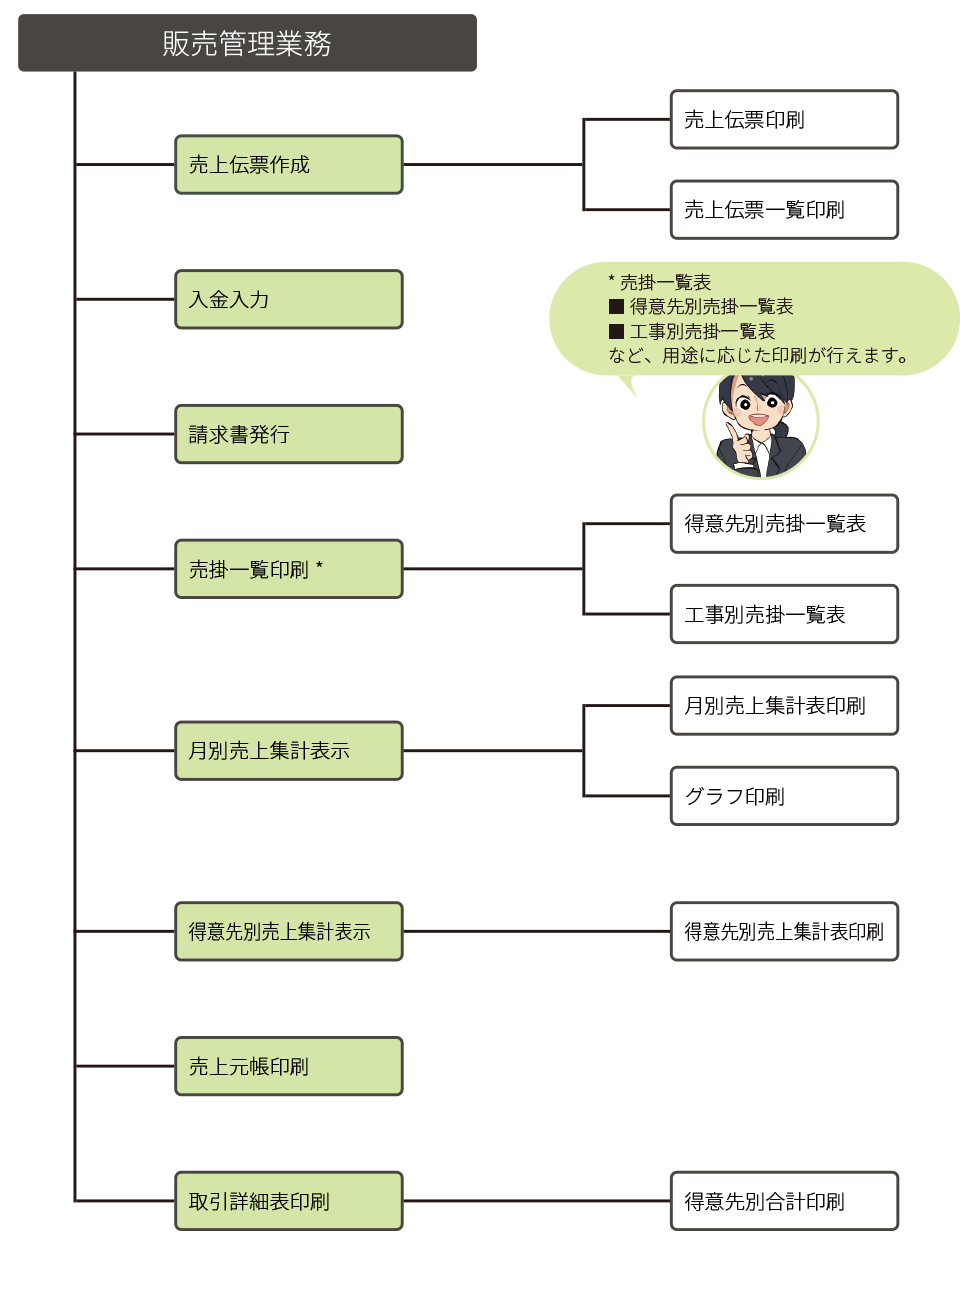 hsystem_kosei